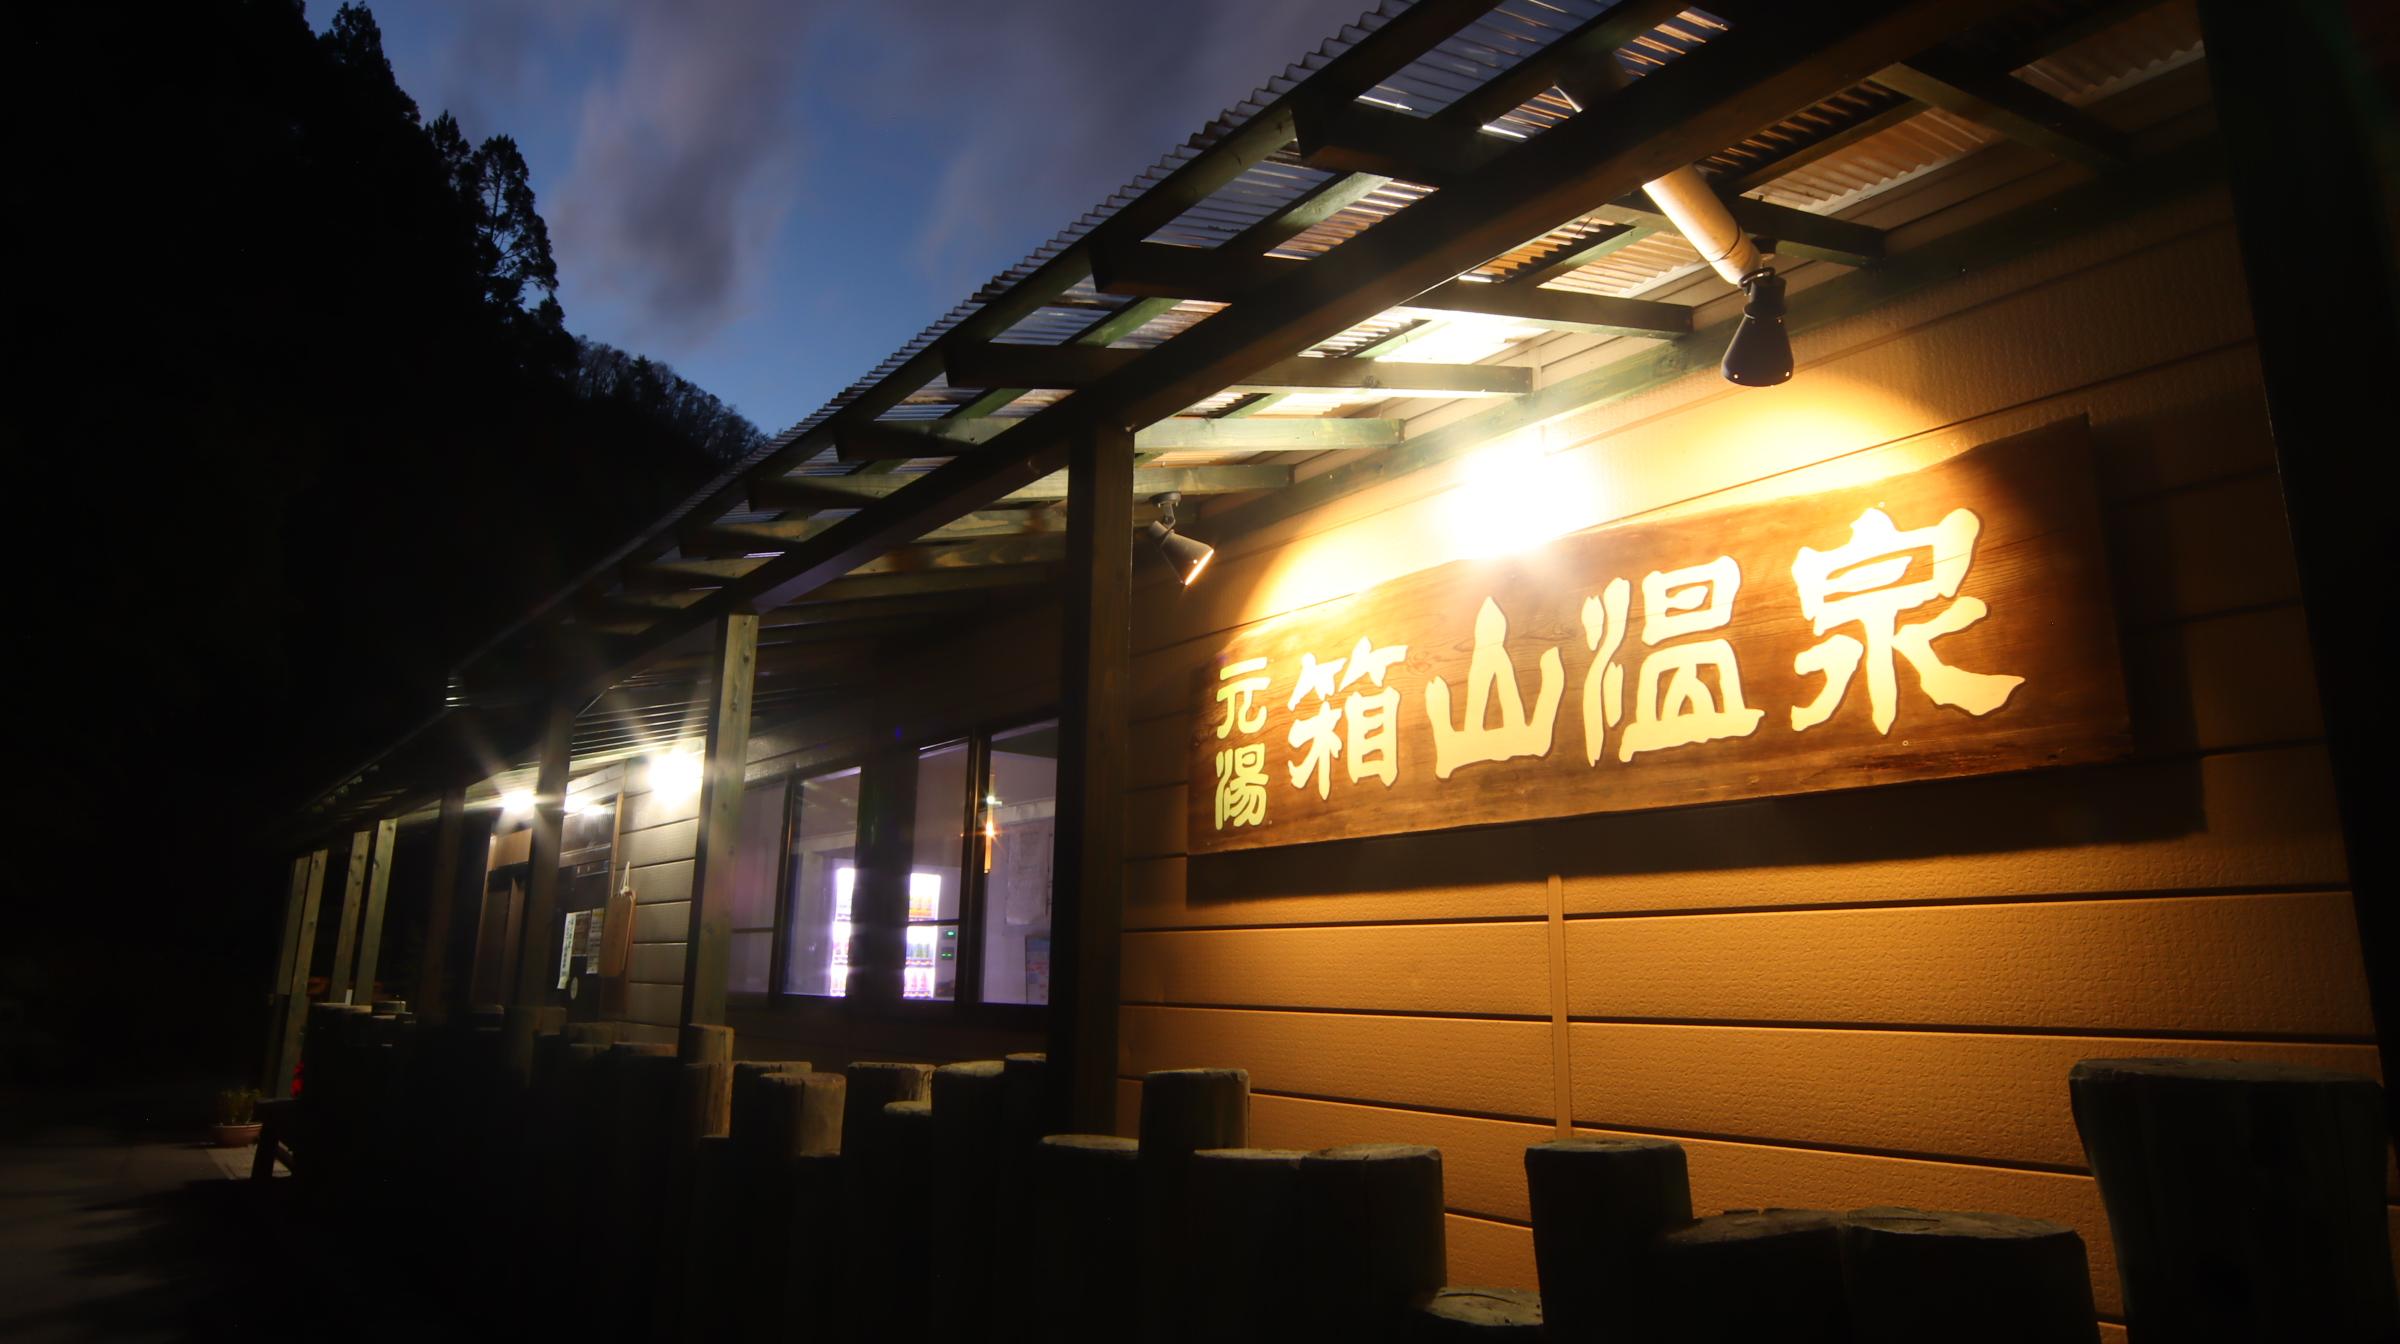 元湯 箱山温泉